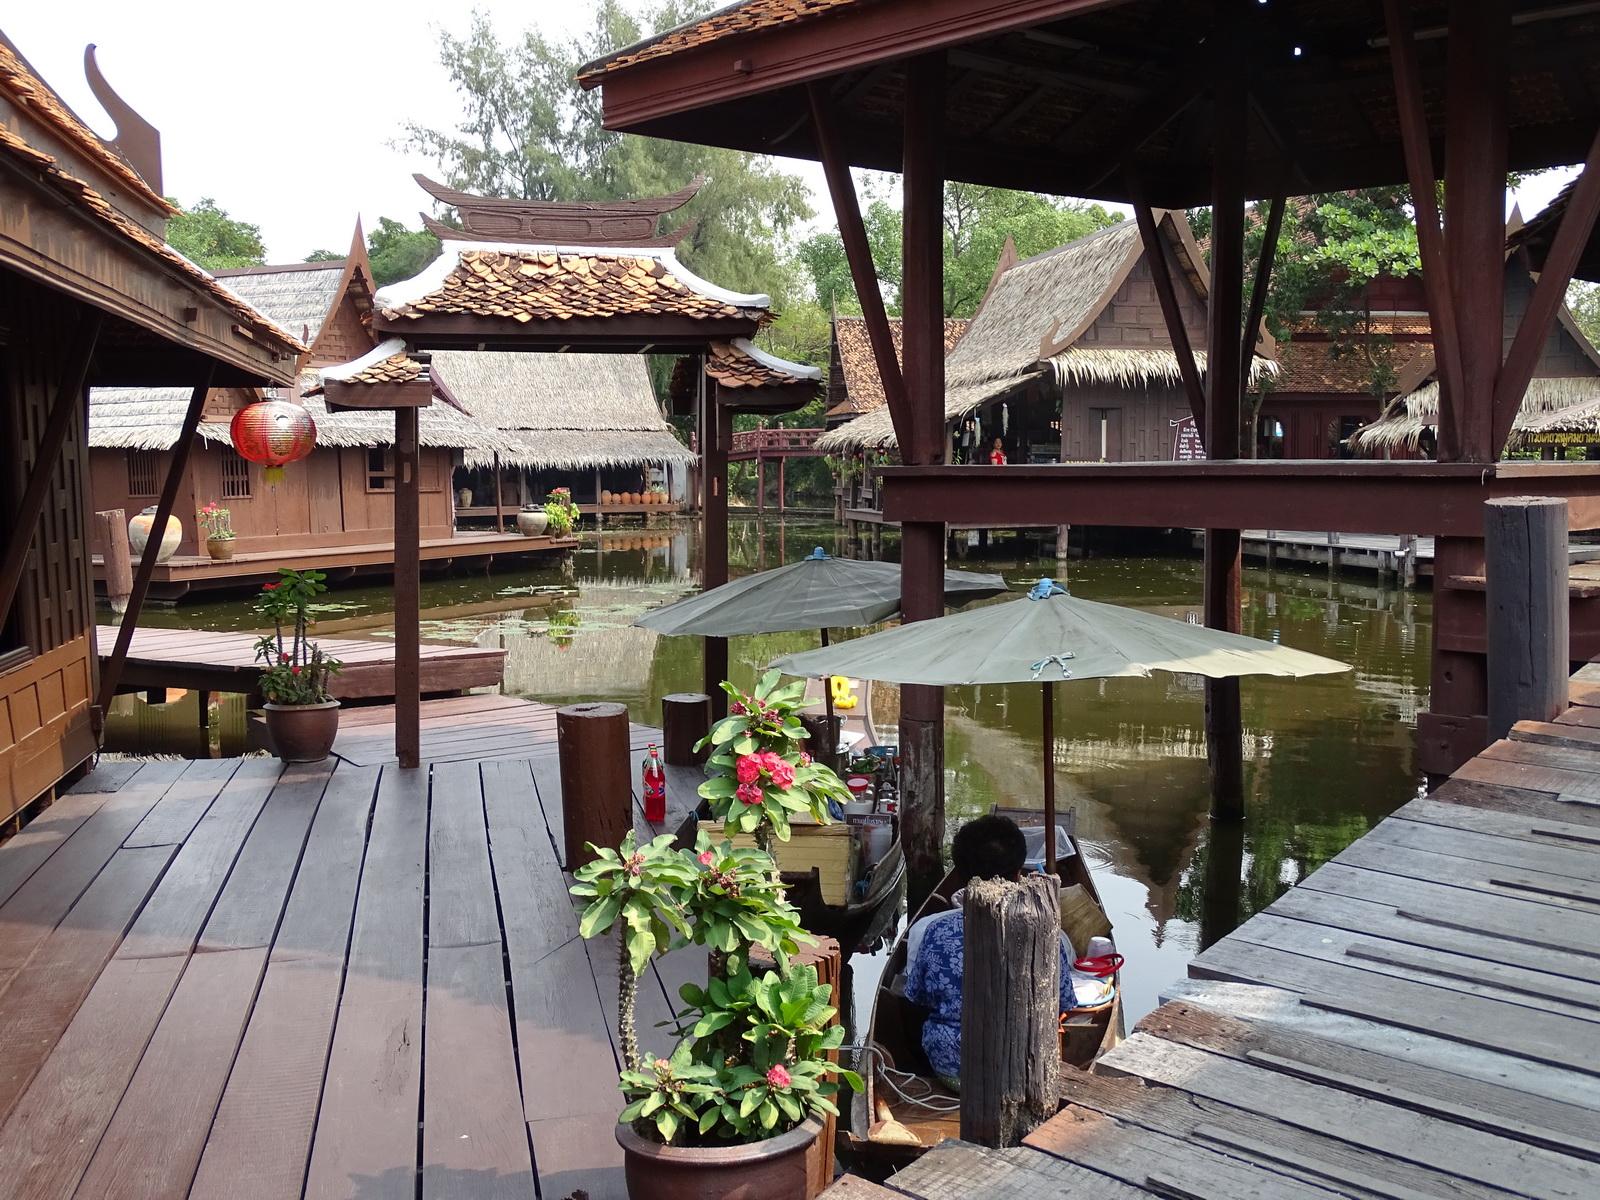 05 Mueang Boran 04